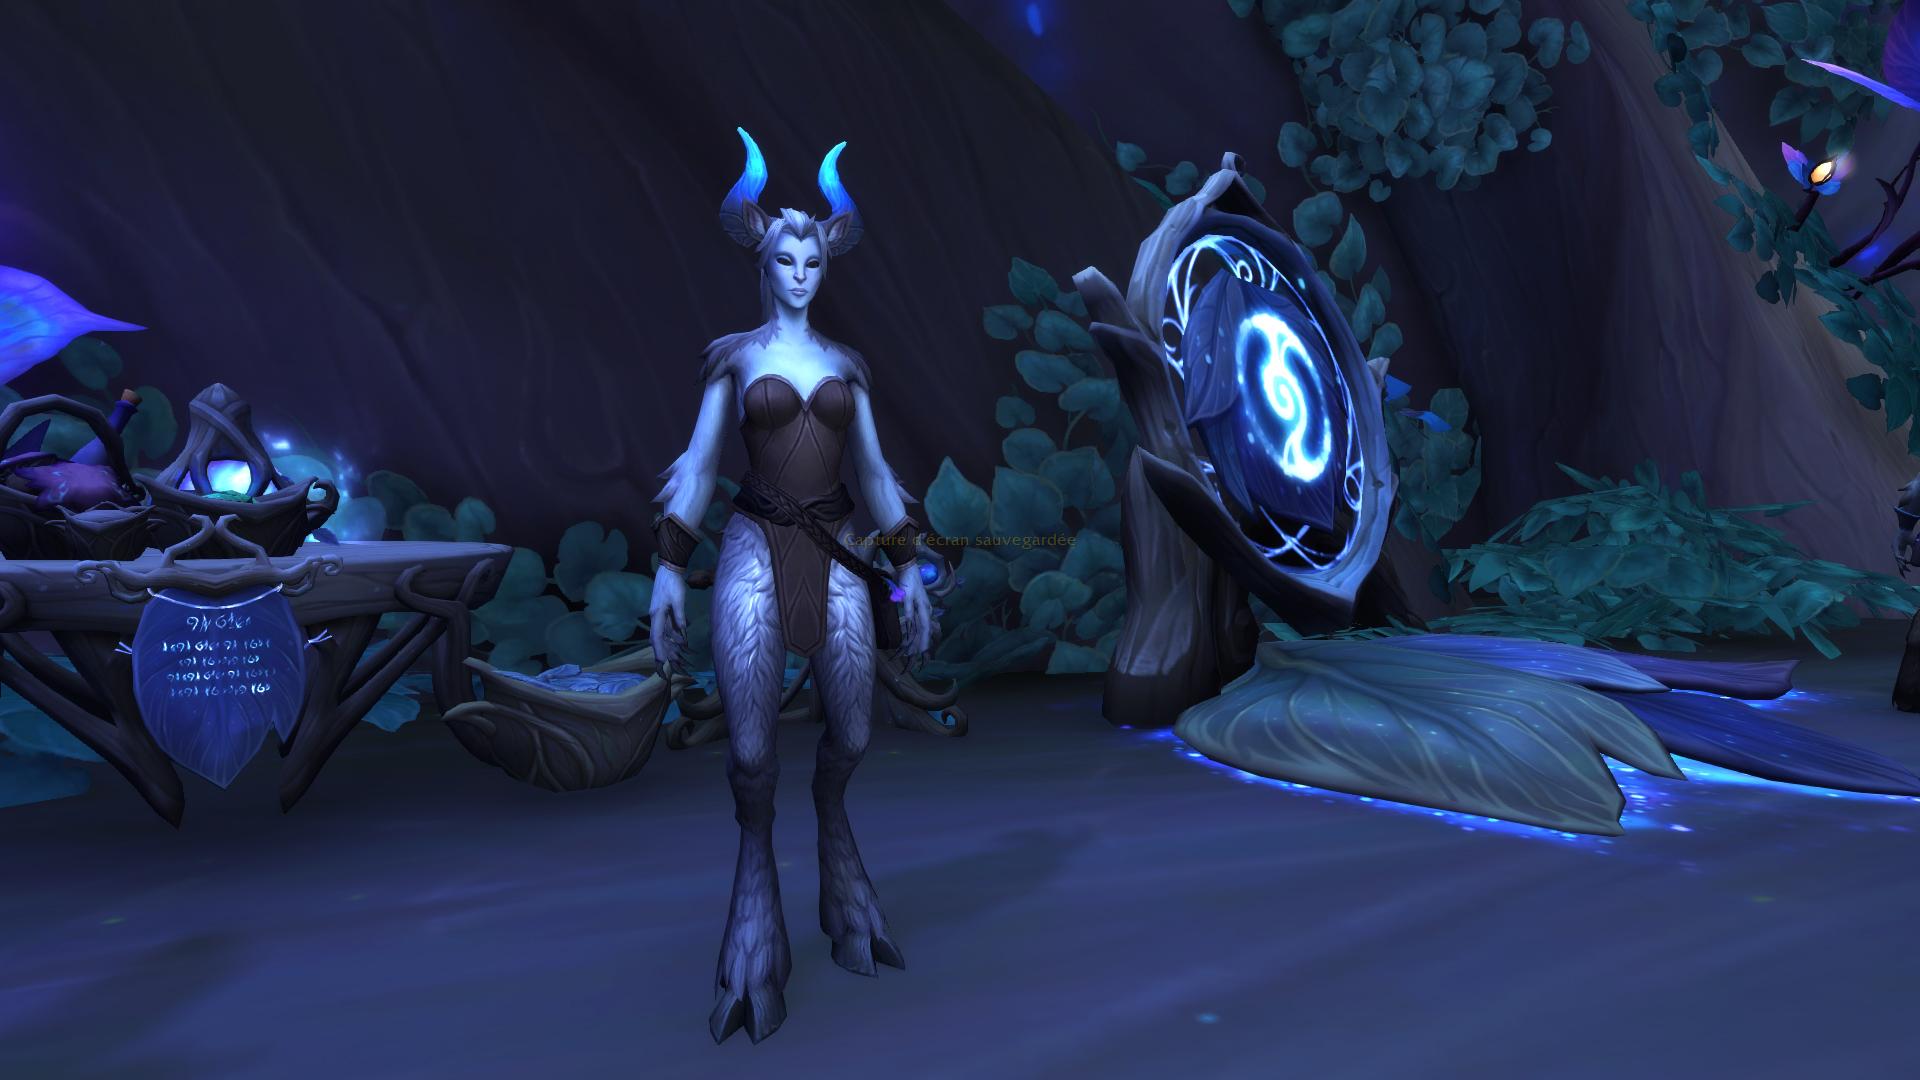 Elwyn est l'intendant de Renom des Faë nocturnes située au Coeur de la Forêt